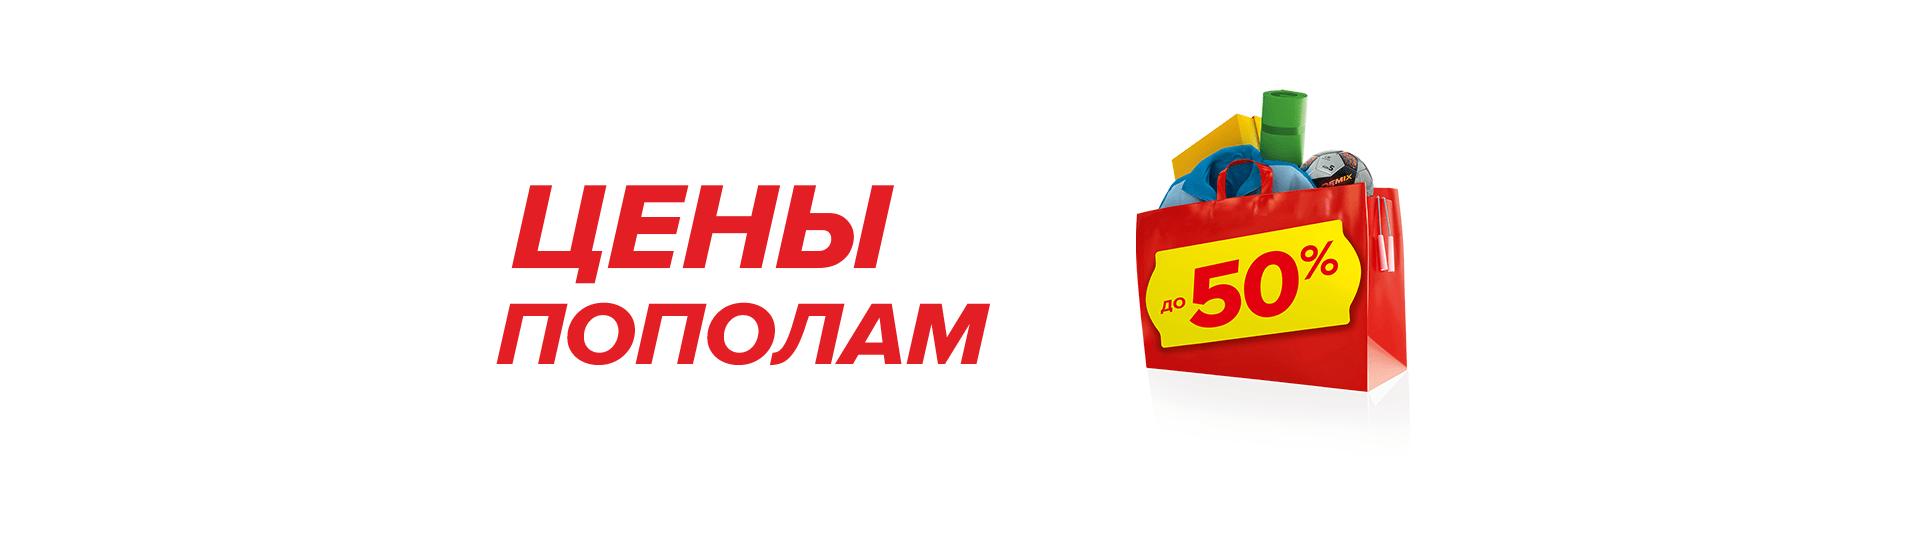 9b2af8db Спортмастер - сеть спортивных магазинов.